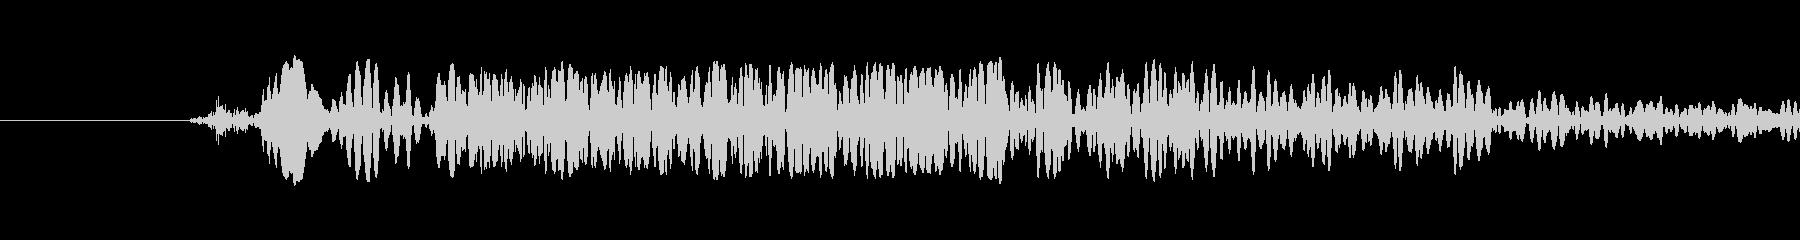 打撃音の未再生の波形